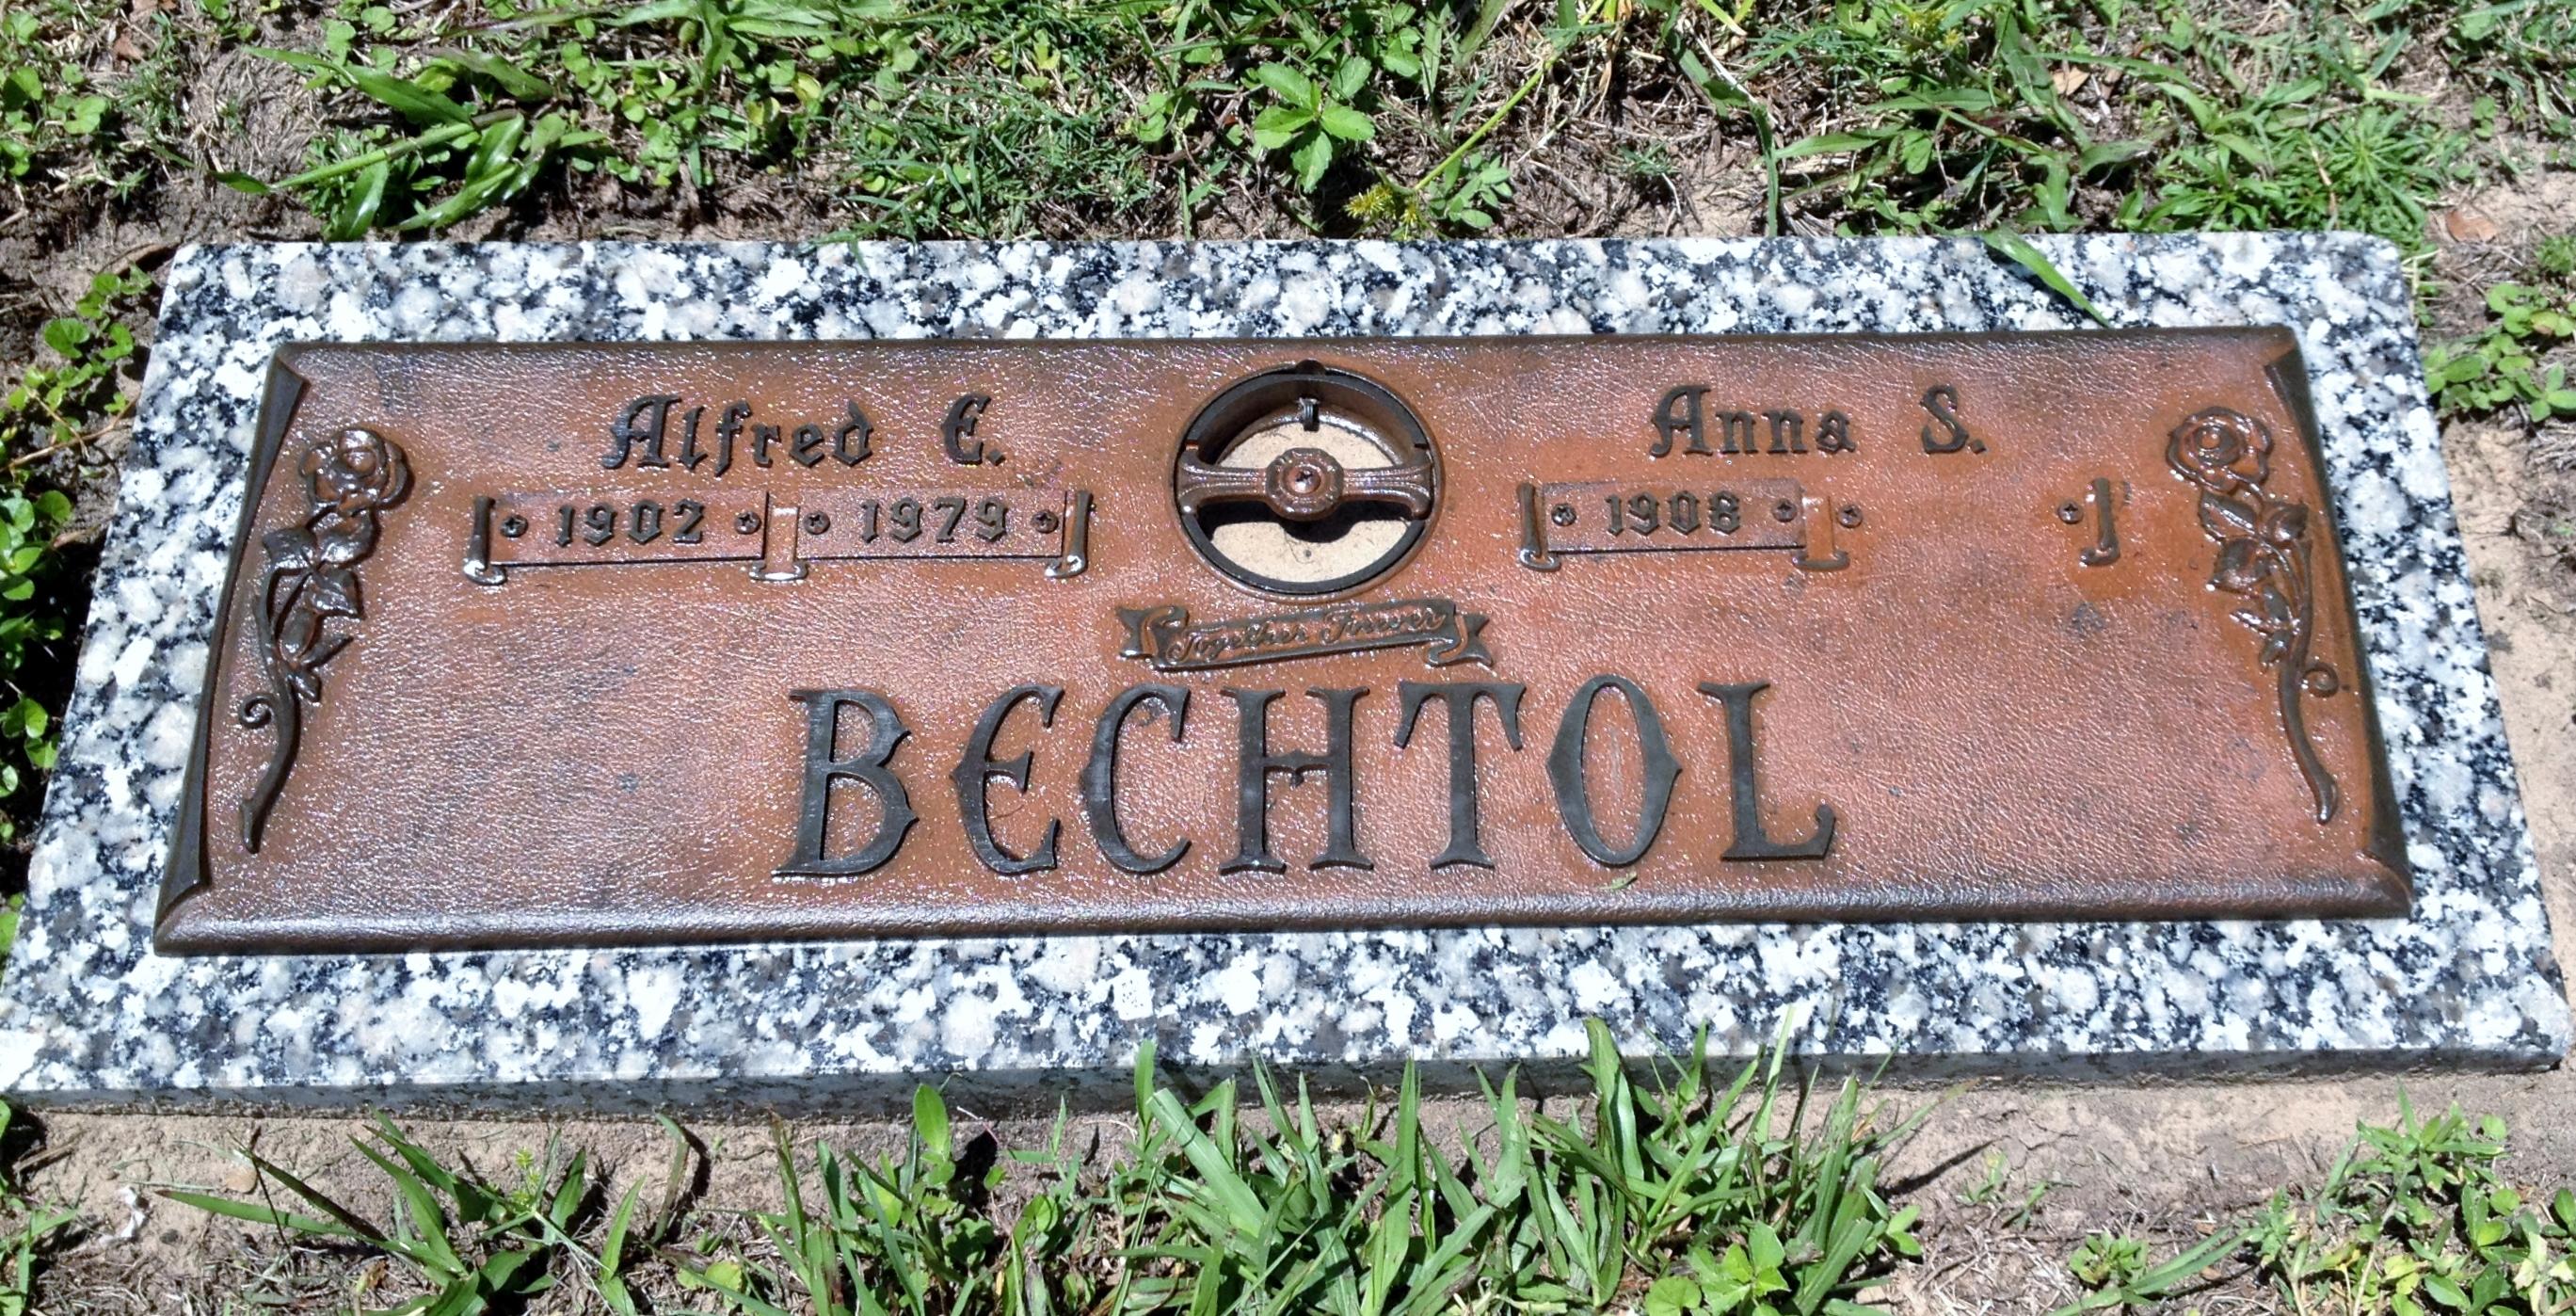 Alfred Evan Bechtol